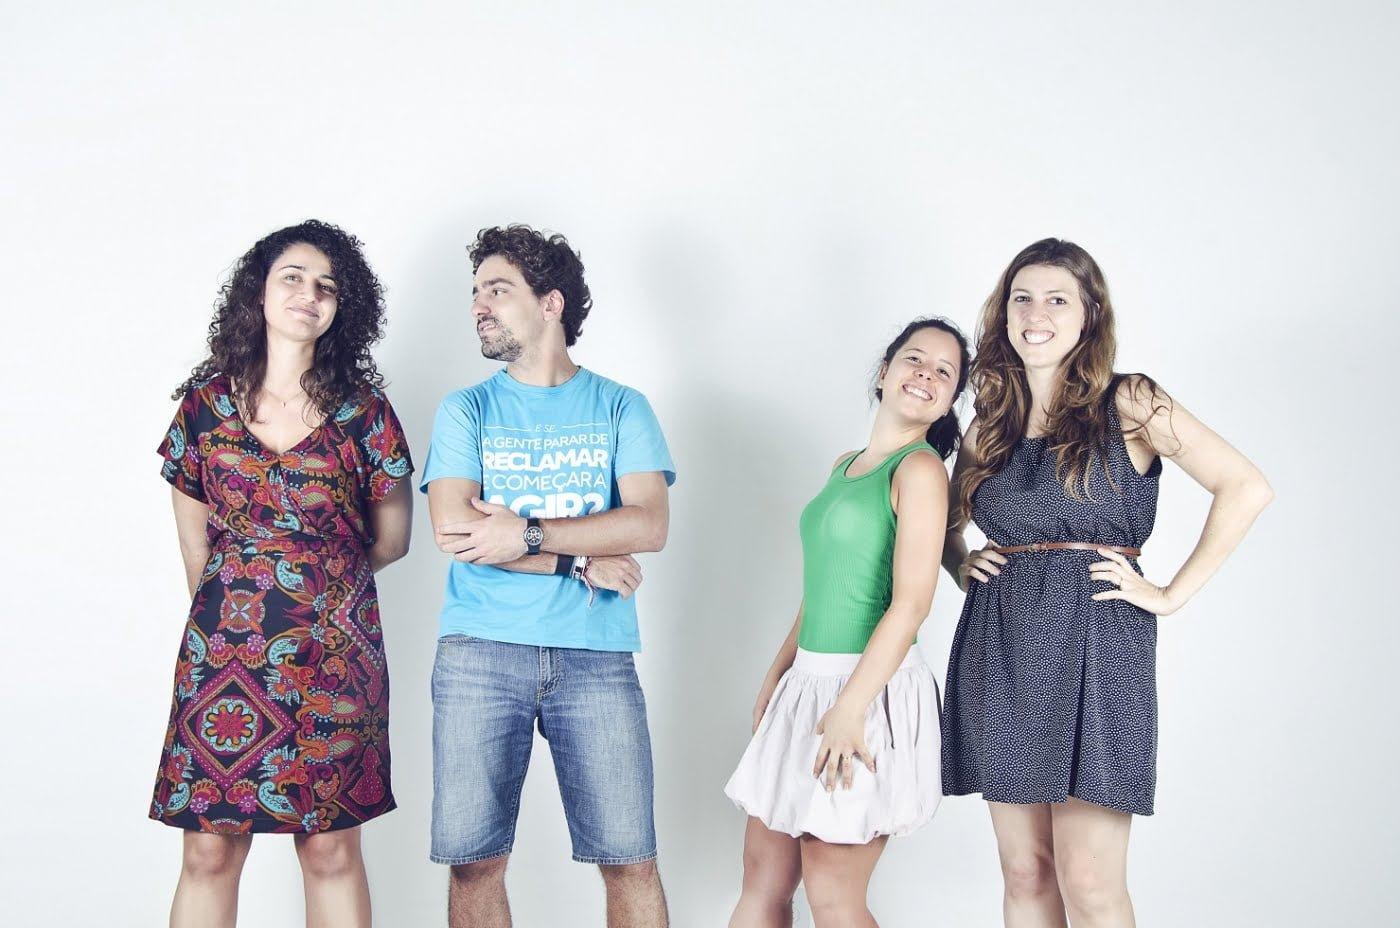 """Fernanda, Tiago, Mari Ribeiro e Mari Campa, da ONG Imagina: """"Nós quase falimos três vezes em dois anos. Aprendemos a encarar as dificuldades com leveza e praticidade. Precisamos de grana? Então vamos atrás. Sem drama"""""""